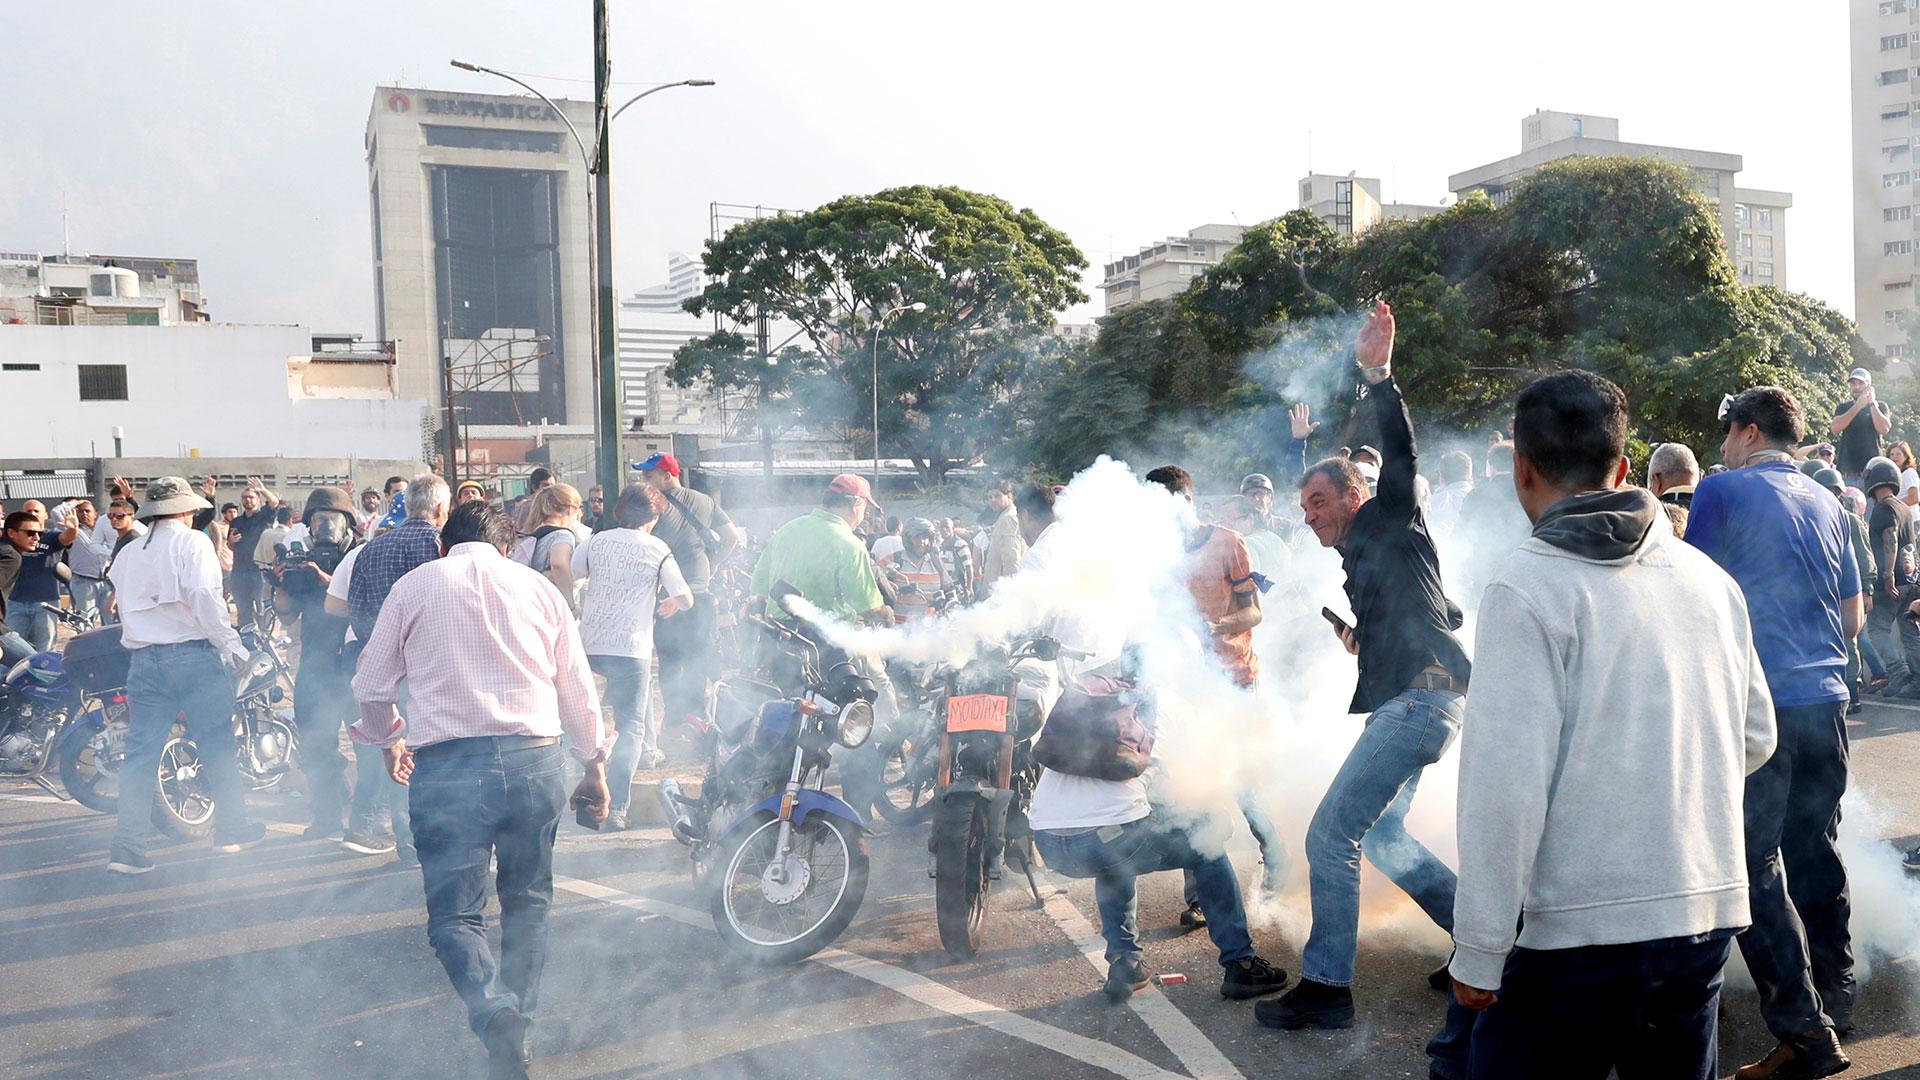 """La gente reacciona al gas lacrimógeno cerca de la Base Aérea Generalísimo Francisco de Miranda """"La Carlota"""", en Caracas, Venezuela, el 30 de abril de 2019."""